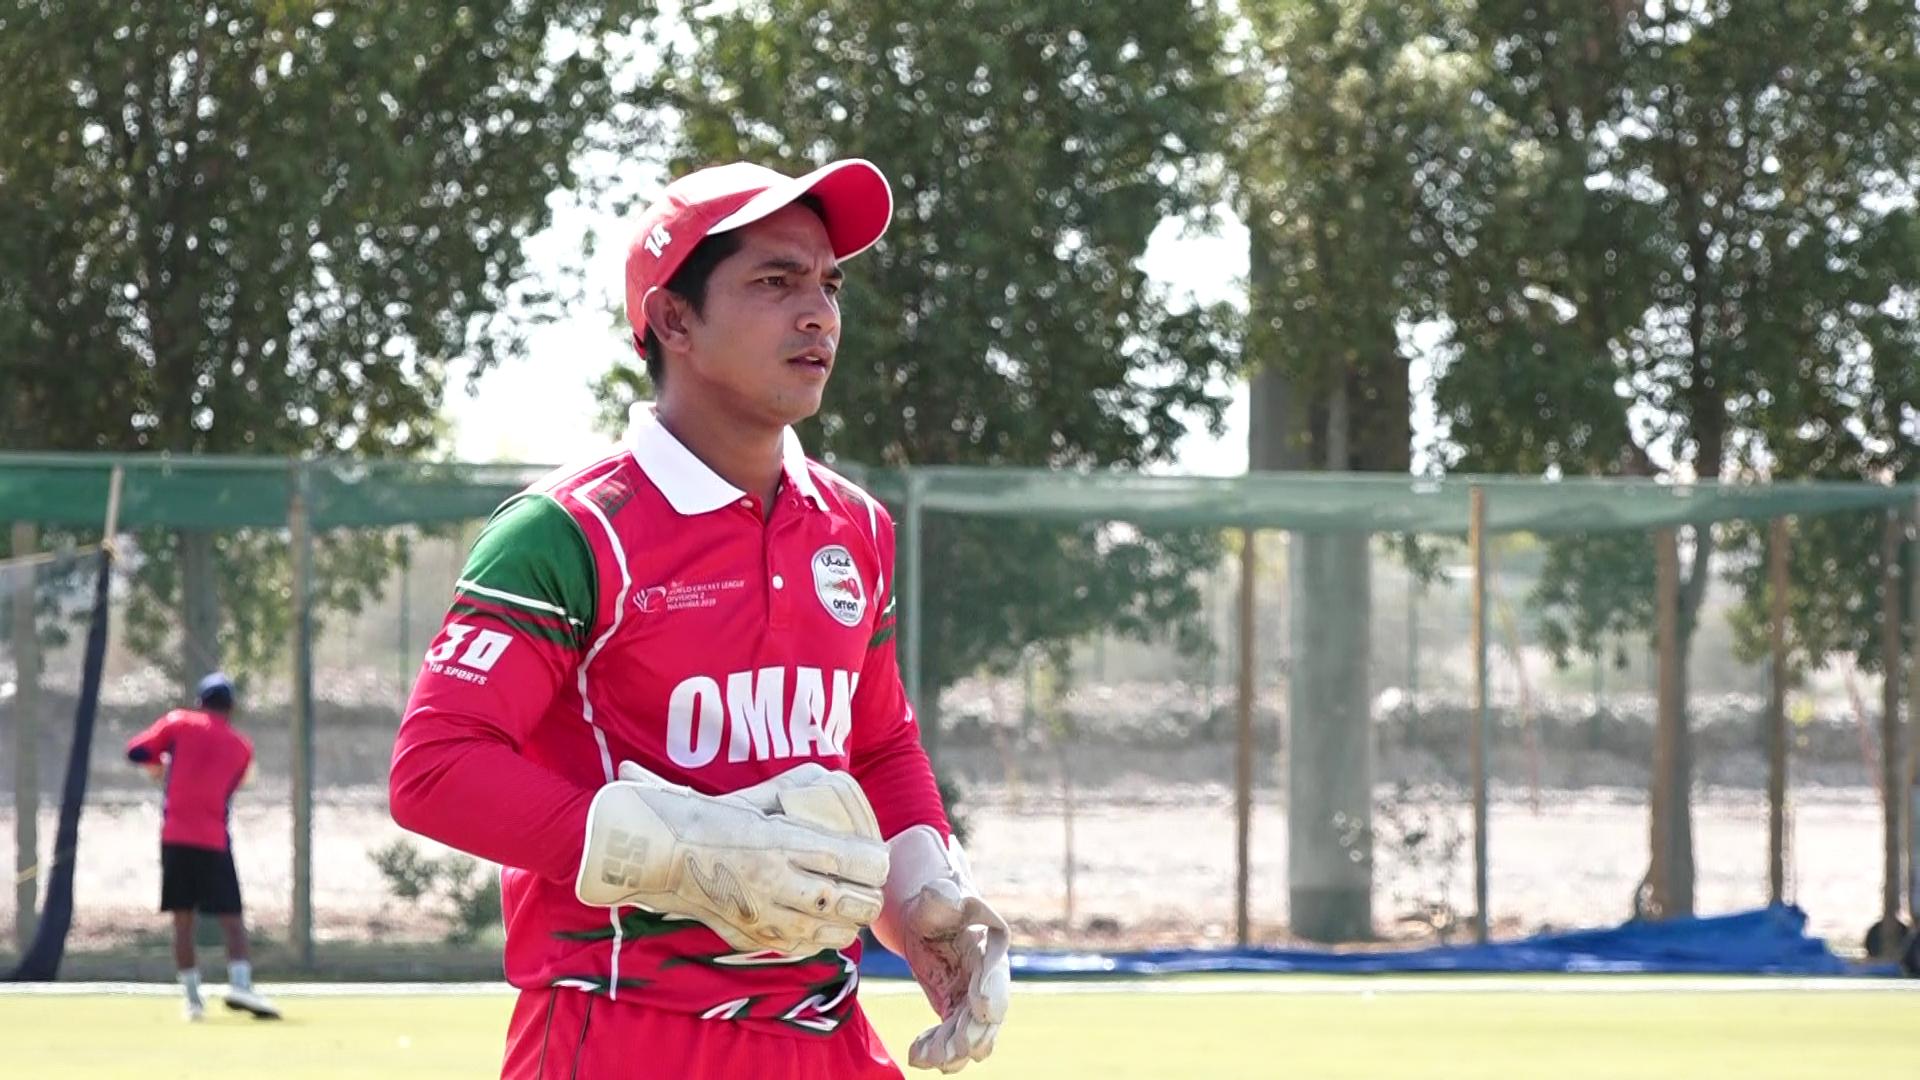 ओमानको राष्ट्रिय क्रिकेट टिमबाट खेल्ने नेपाली, जसले नेपाललाई नै हराए